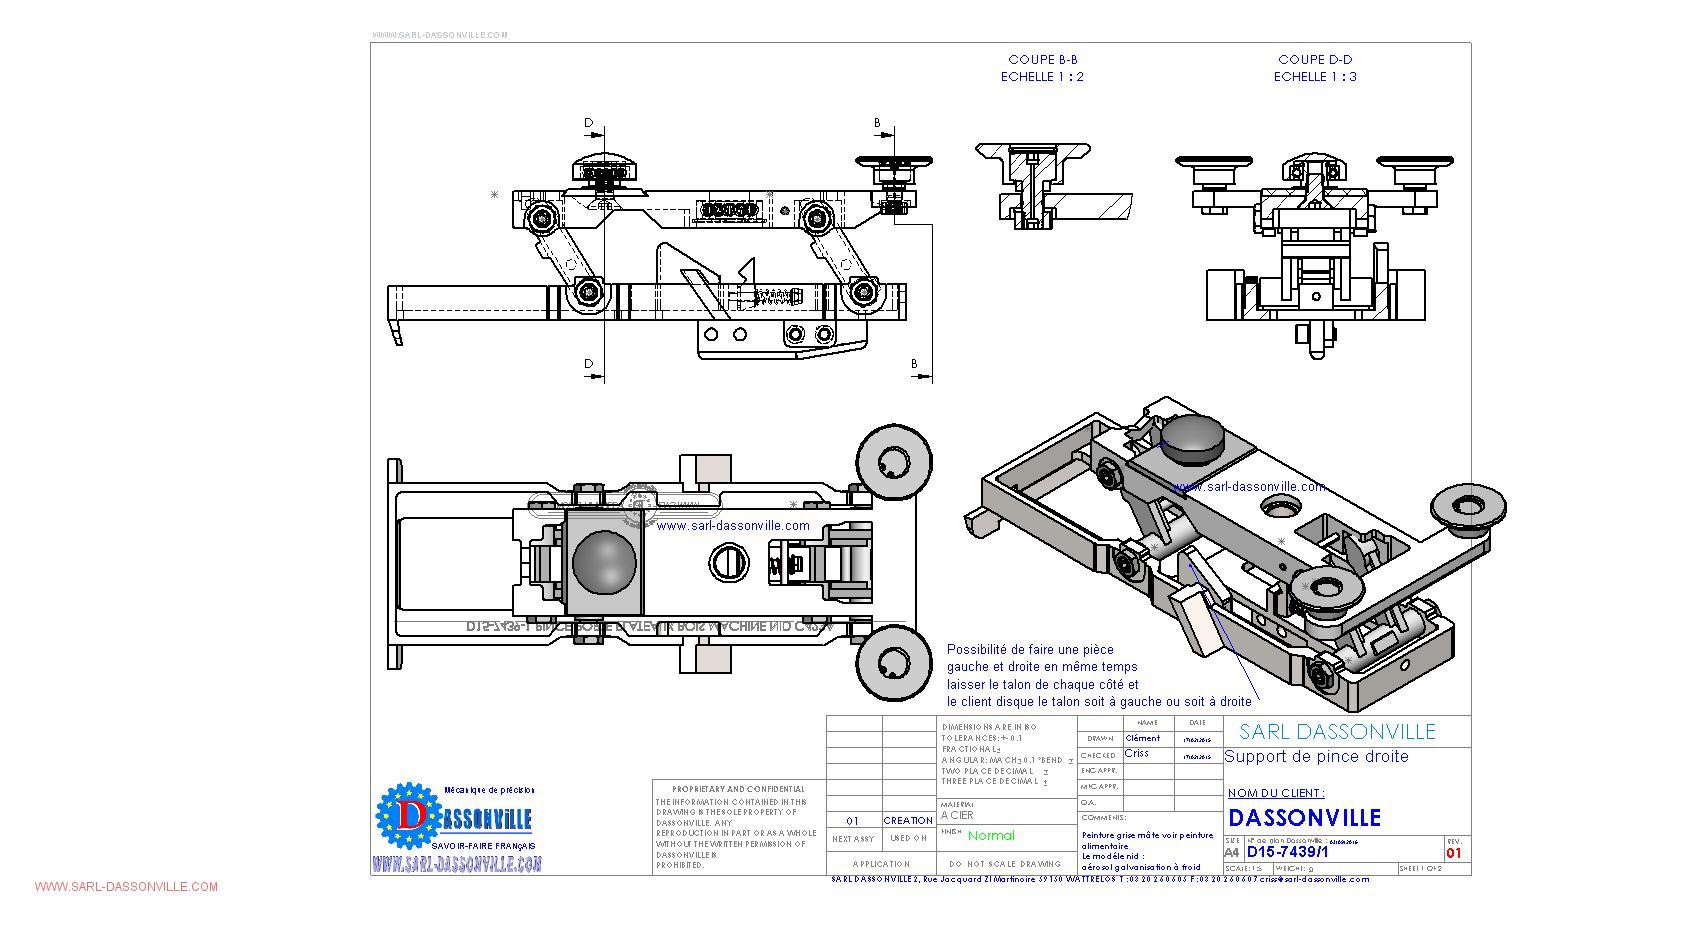 Bureau Etudes Mecanique Sarl Dassonville